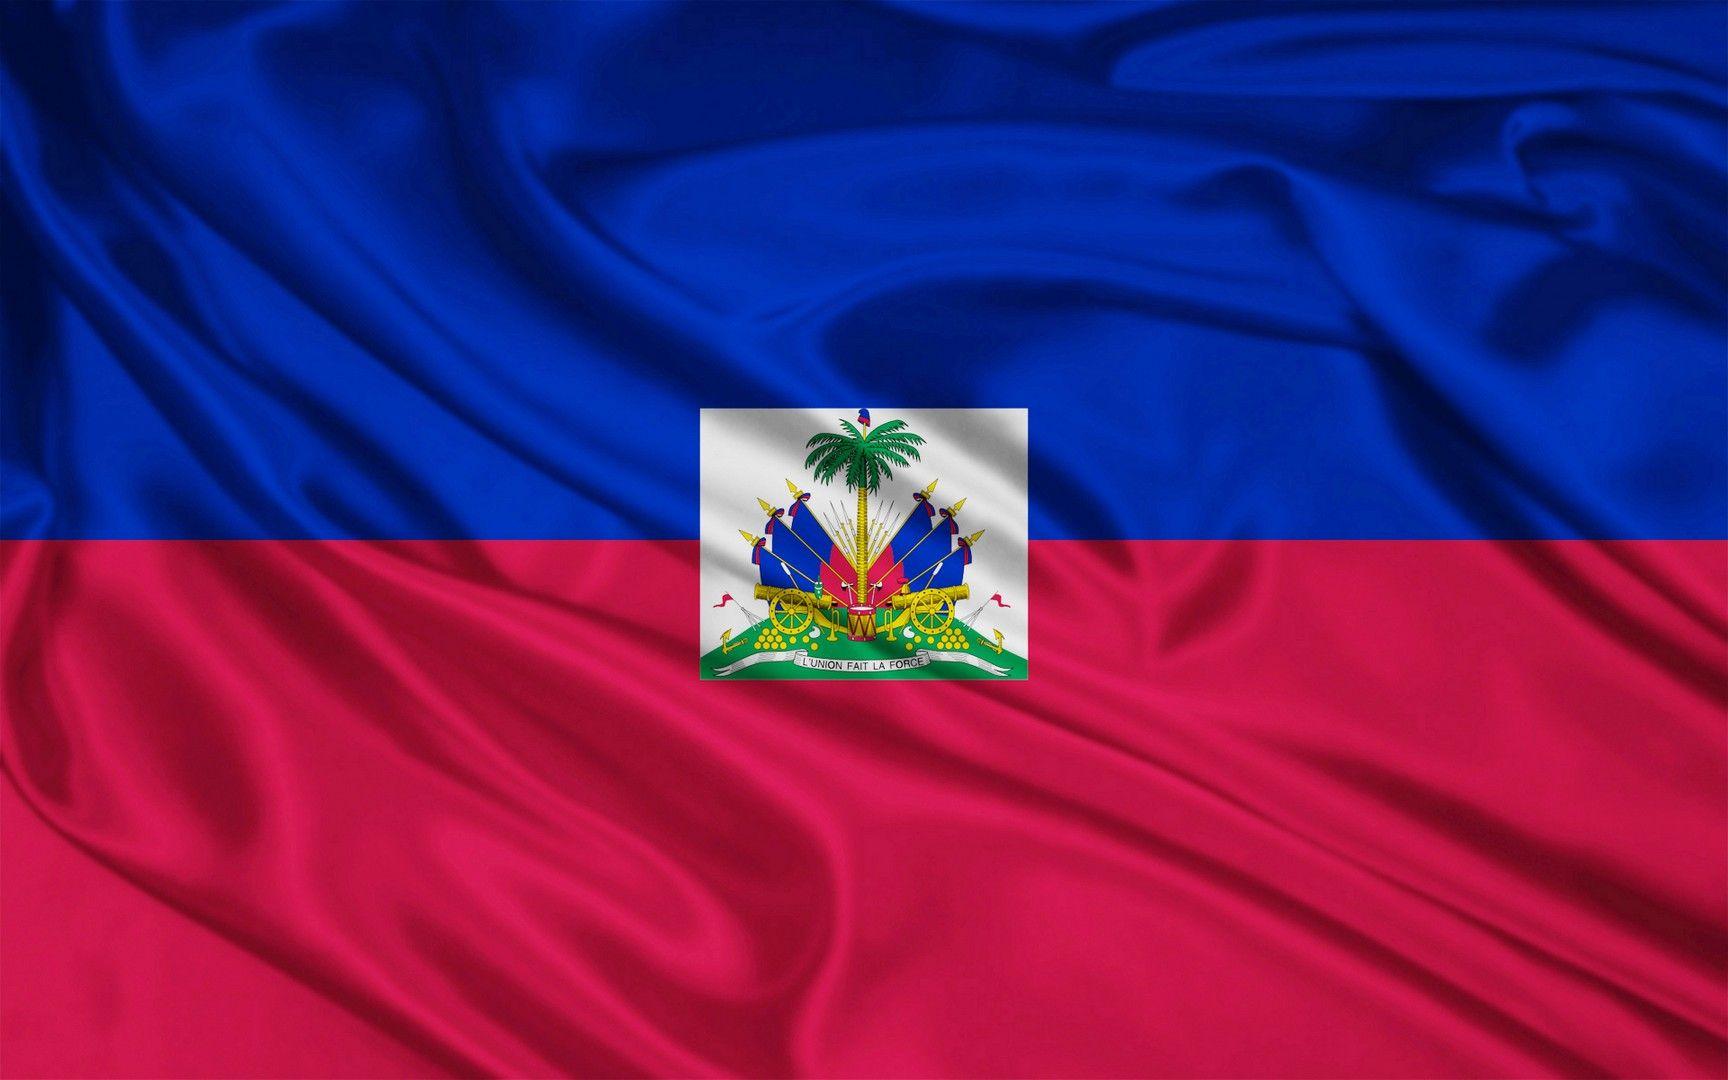 Flag Of Haiti Wallpaper